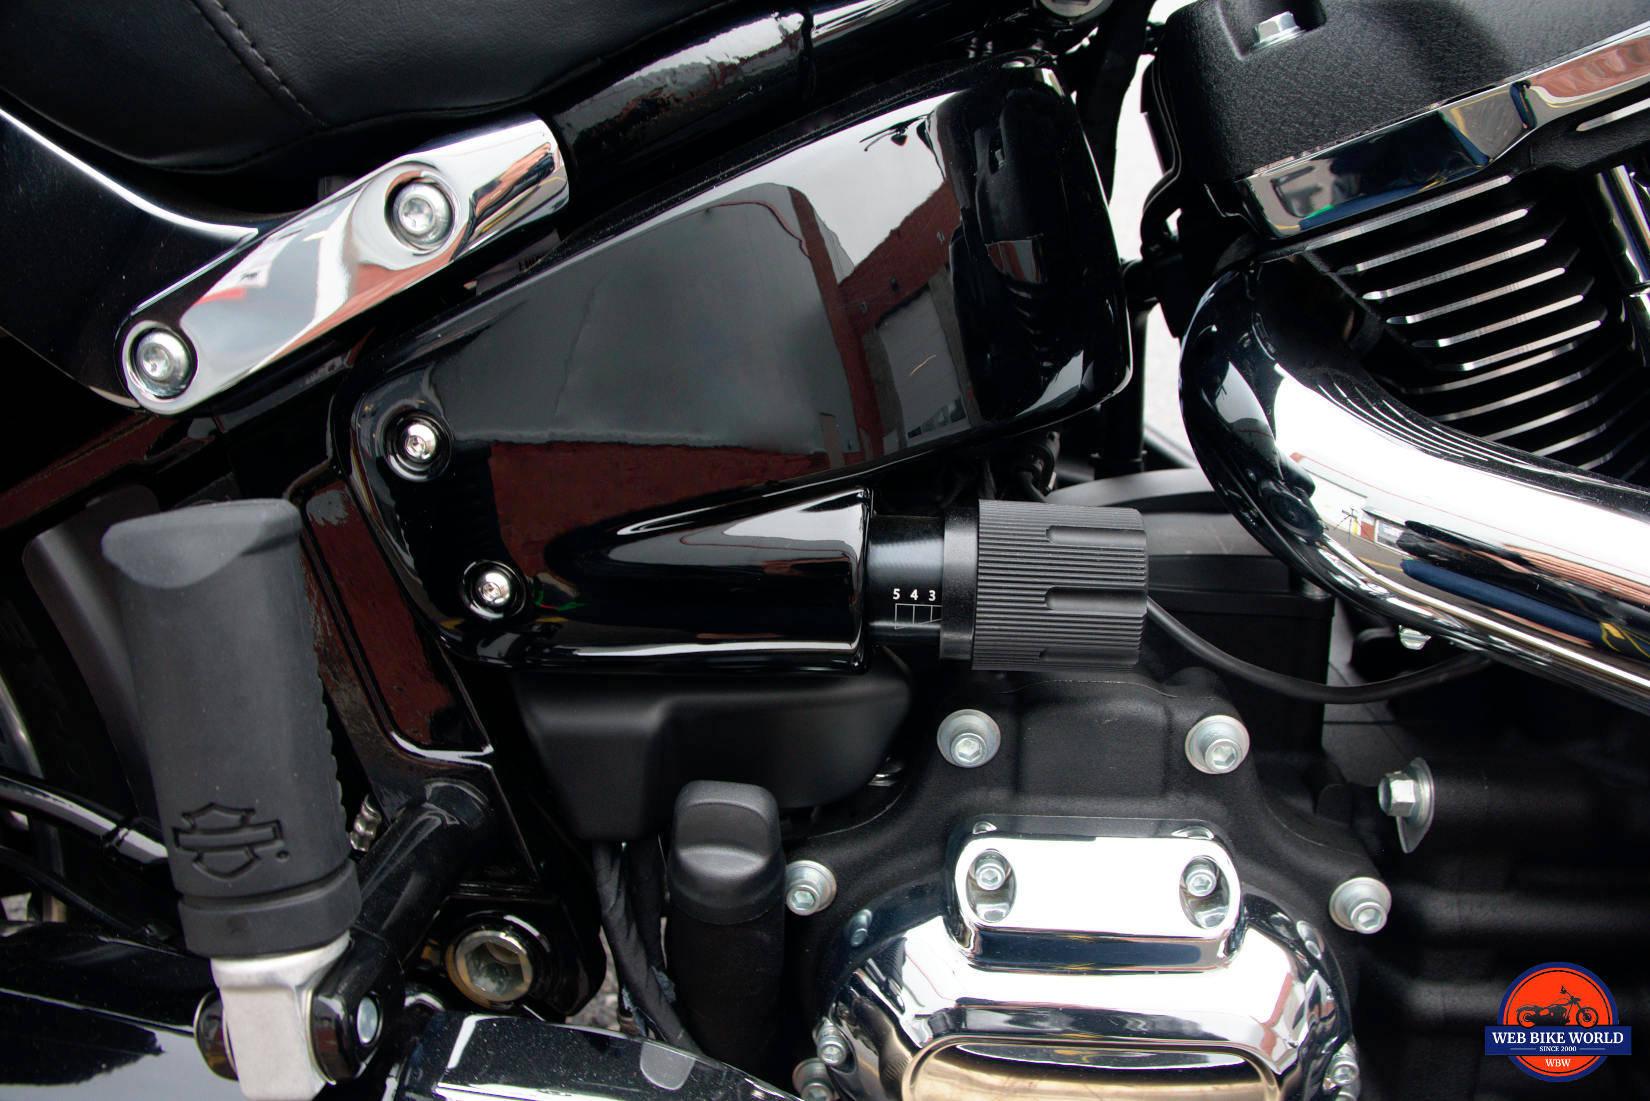 Rear suspension preload adjuster handle on a Sport Glide.